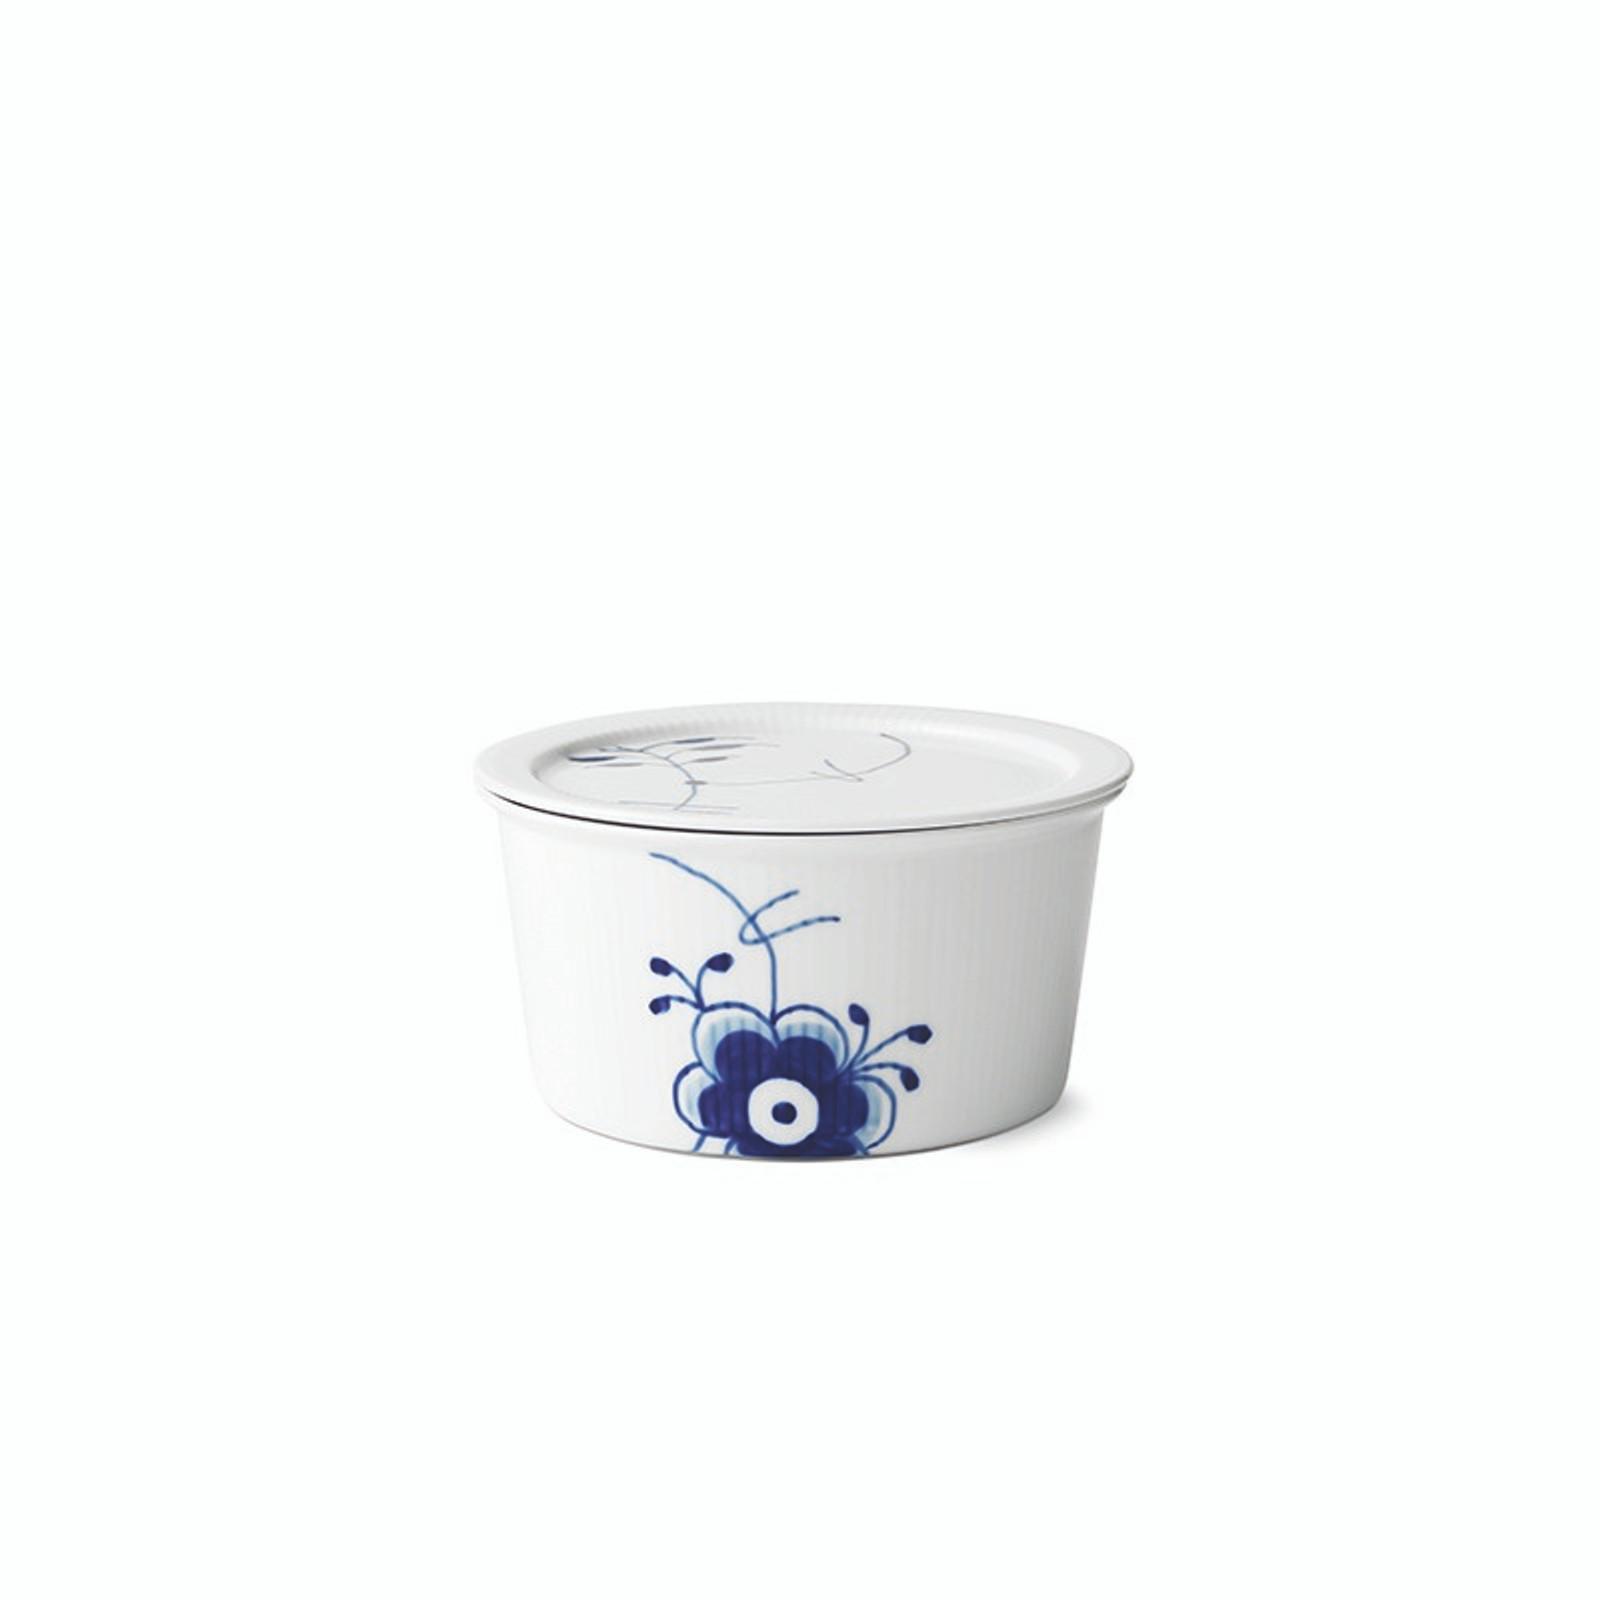 Royal Copenhagen Blue Fluted Mega - Dish with Lid, 1 Qt